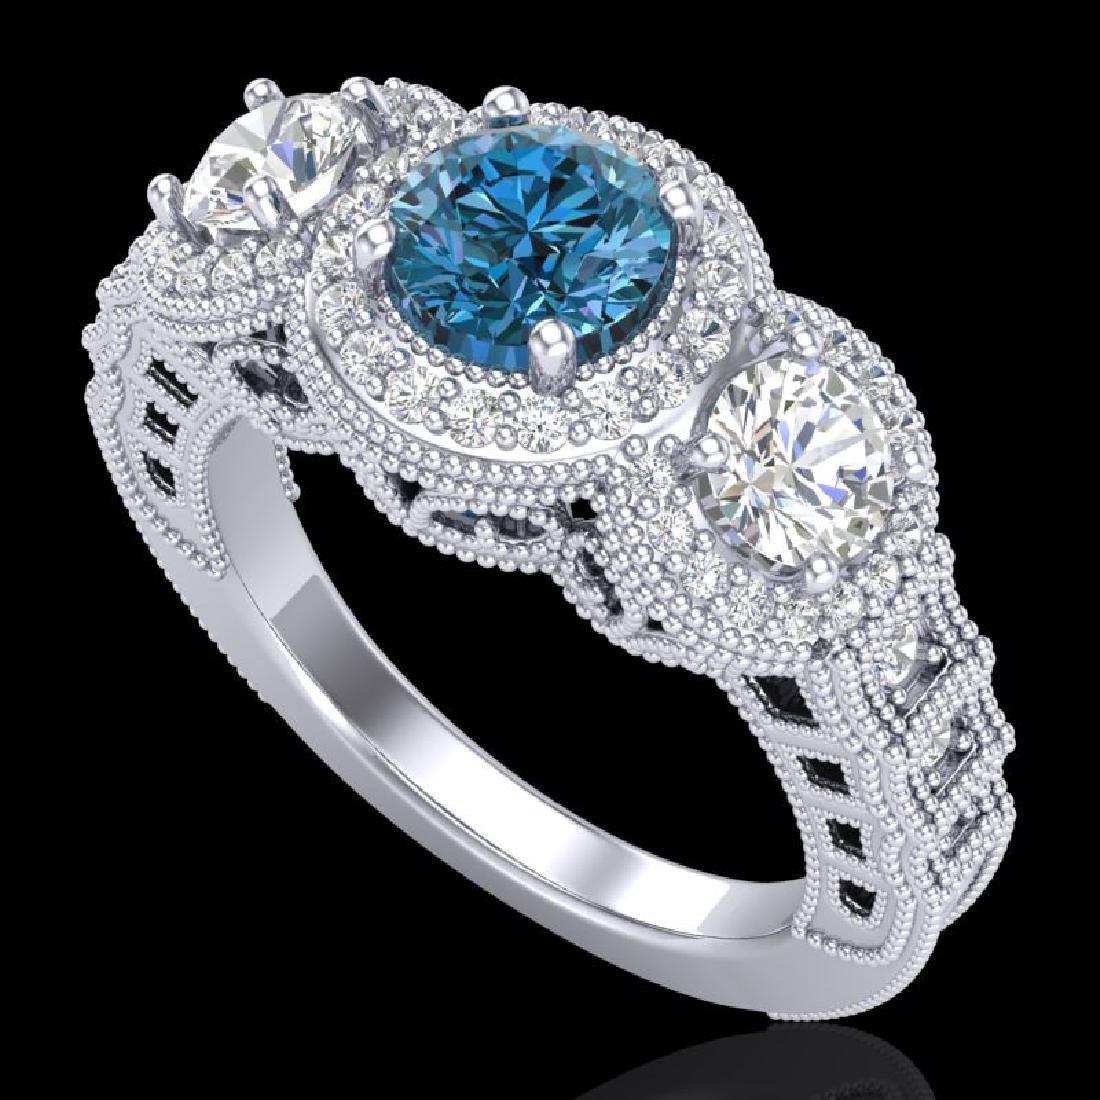 2.16 CTW Intense Blue Diamond Solitaire Art Deco 3